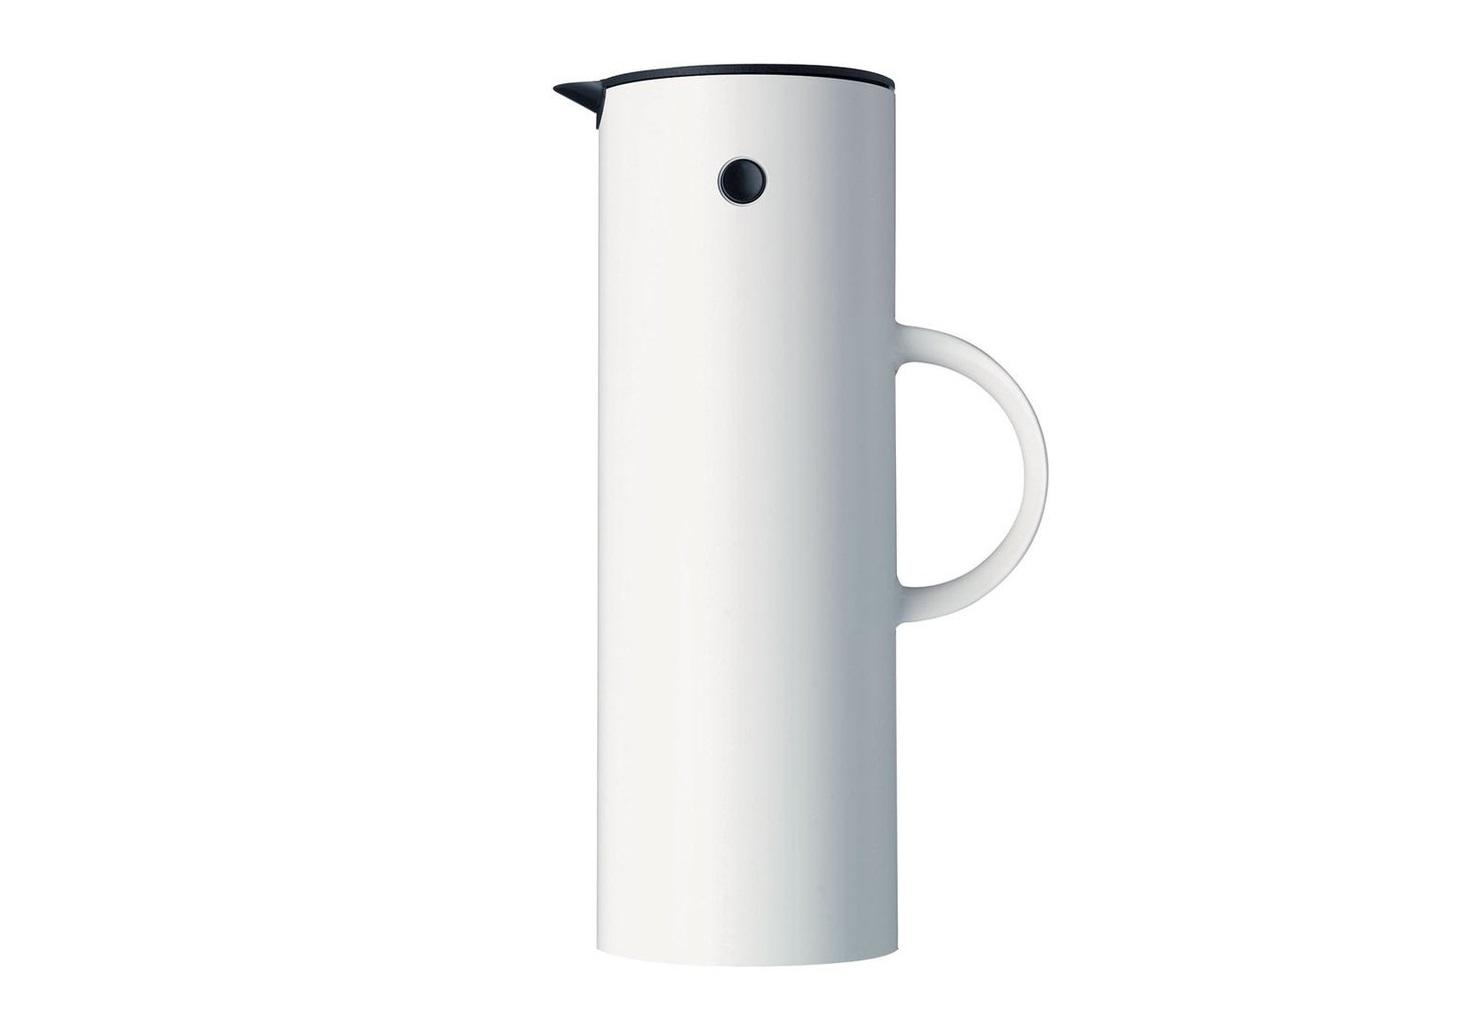 Вакуумный термос EM77Термосы<br>Вакуумный термос EM77 1L.Полноценная комплектация состоит из следующих деталей: стеклянная емкость 1л, выпускное отверстие, наклонная пробка, прокладка, специальная пробка для пикника. Патент на наклонную пробку. &amp;amp;nbsp;Термос предназначен для чая и кофе. Термос не подходит для любых напитков, содержащих жир(например, молоко, какао и т.п.). Свойства поддержания температуры напитка: через 1 час - около 88°C, через 2 часа - около 83°C, через 4 часа - около 78°C, через 6 часов - около 71°C. Стеклянная емкость сделана из 2х слоев тонкого стекла с вакуумом между внутренним и внешним стеклами. Не используйте абразивные материалы и средства для очистки термоса. Перед наполнением кипятком, термос необходимо нагреть, чтобы избежать резких колебаний температуры, которые могут привести к разрушению стекла. Для очистки термоса промойте его чистой водой.&amp;amp;nbsp;&amp;lt;div&amp;gt;&amp;lt;span style=&amp;quot;font-size: 14px;&amp;quot;&amp;gt;&amp;lt;br&amp;gt;&amp;lt;/span&amp;gt;&amp;lt;/div&amp;gt;&amp;lt;div&amp;gt;&amp;lt;span style=&amp;quot;font-size: 14px;&amp;quot;&amp;gt;Объем 1л.&amp;lt;/span&amp;gt;&amp;lt;br&amp;gt;&amp;lt;/div&amp;gt;<br><br>Material: Сталь<br>Length см: None<br>Width см: None<br>Height см: 31<br>Diameter см: 10,5